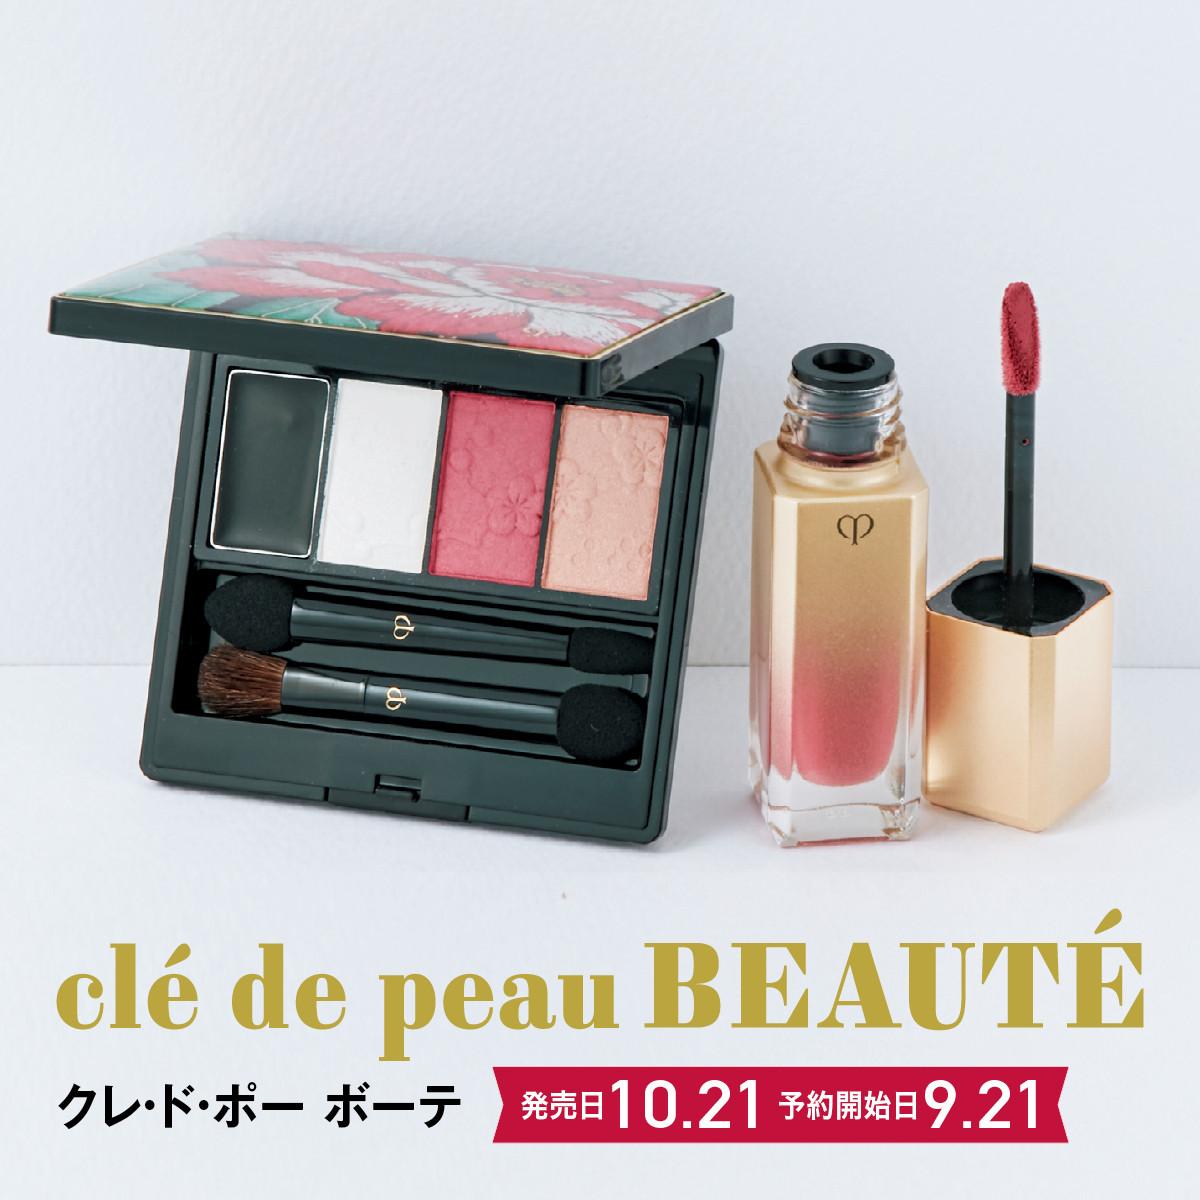 2019クリスマスコフレ&限定品:Clé de Peau Beauté/クレ・ド・ポー ボーテ